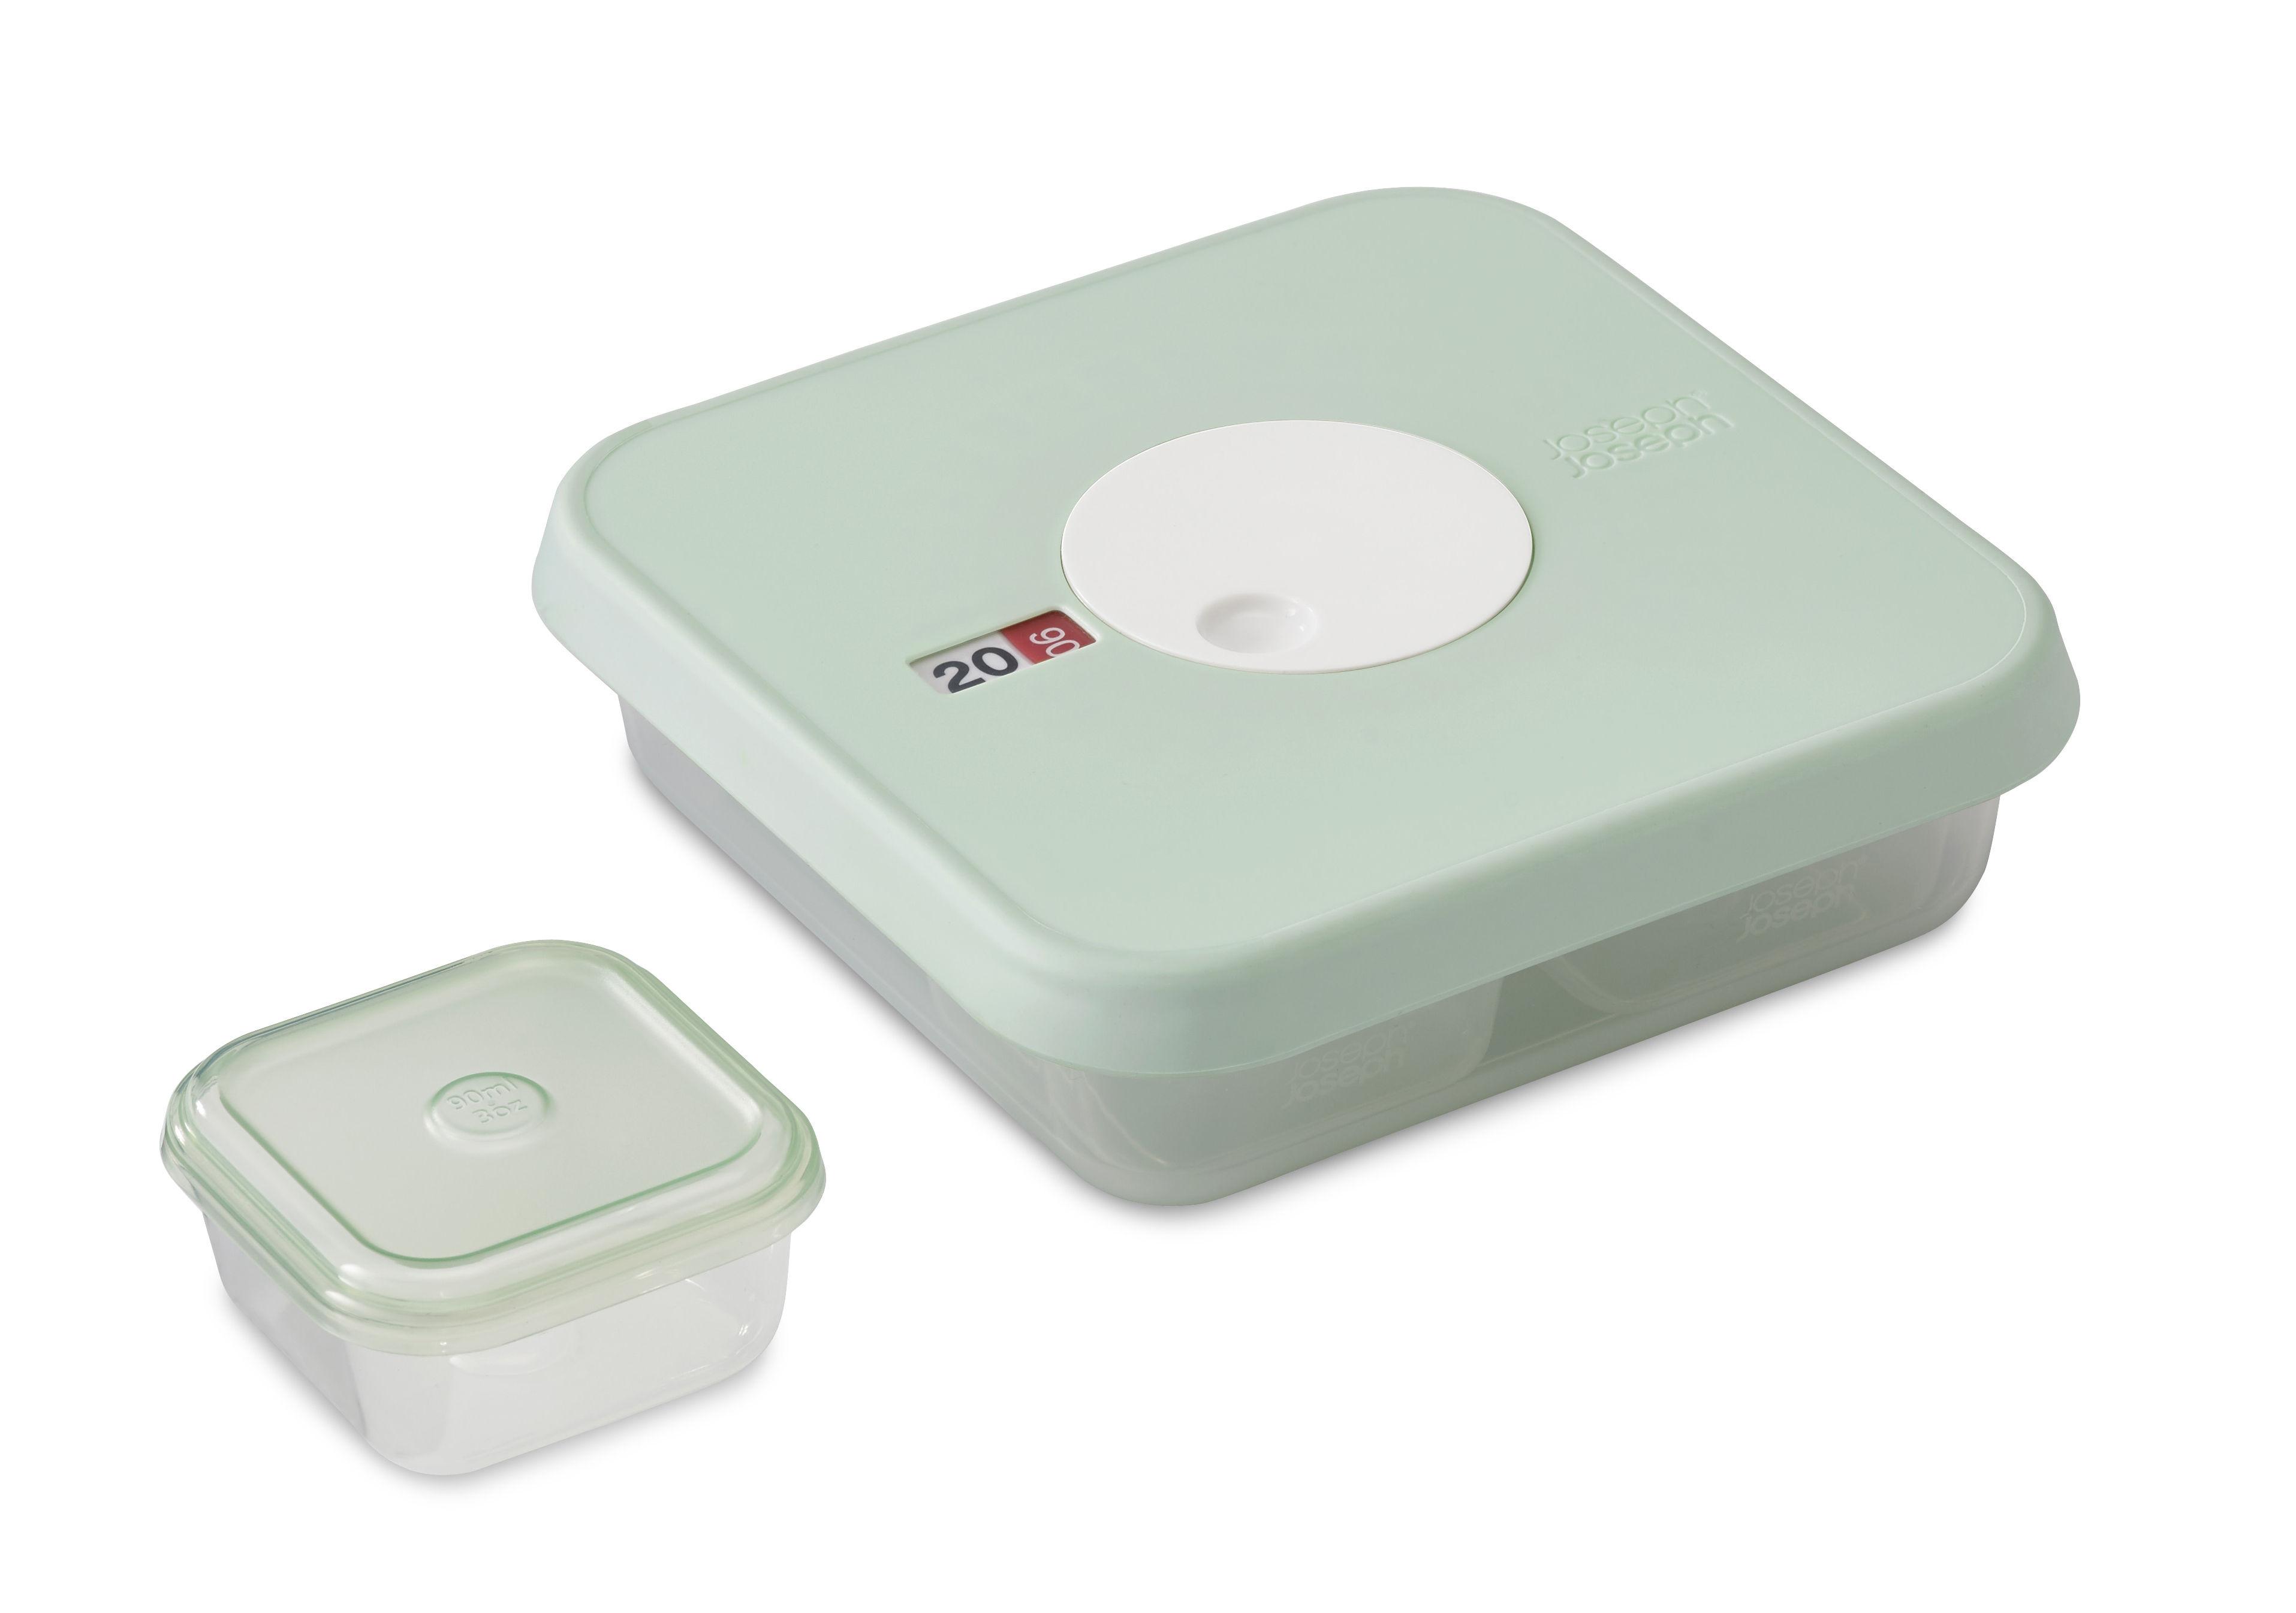 Cuisine - Boîtes, pots et bocaux - Boîte hermétique Dial Baby / Set de 5 pièces - Etape 2 : 9 - 12 mois - Joseph Joseph - Vert d'eau / Capacité : 1 x 0,9 L - 9 x 0,09 L - Matière plastique